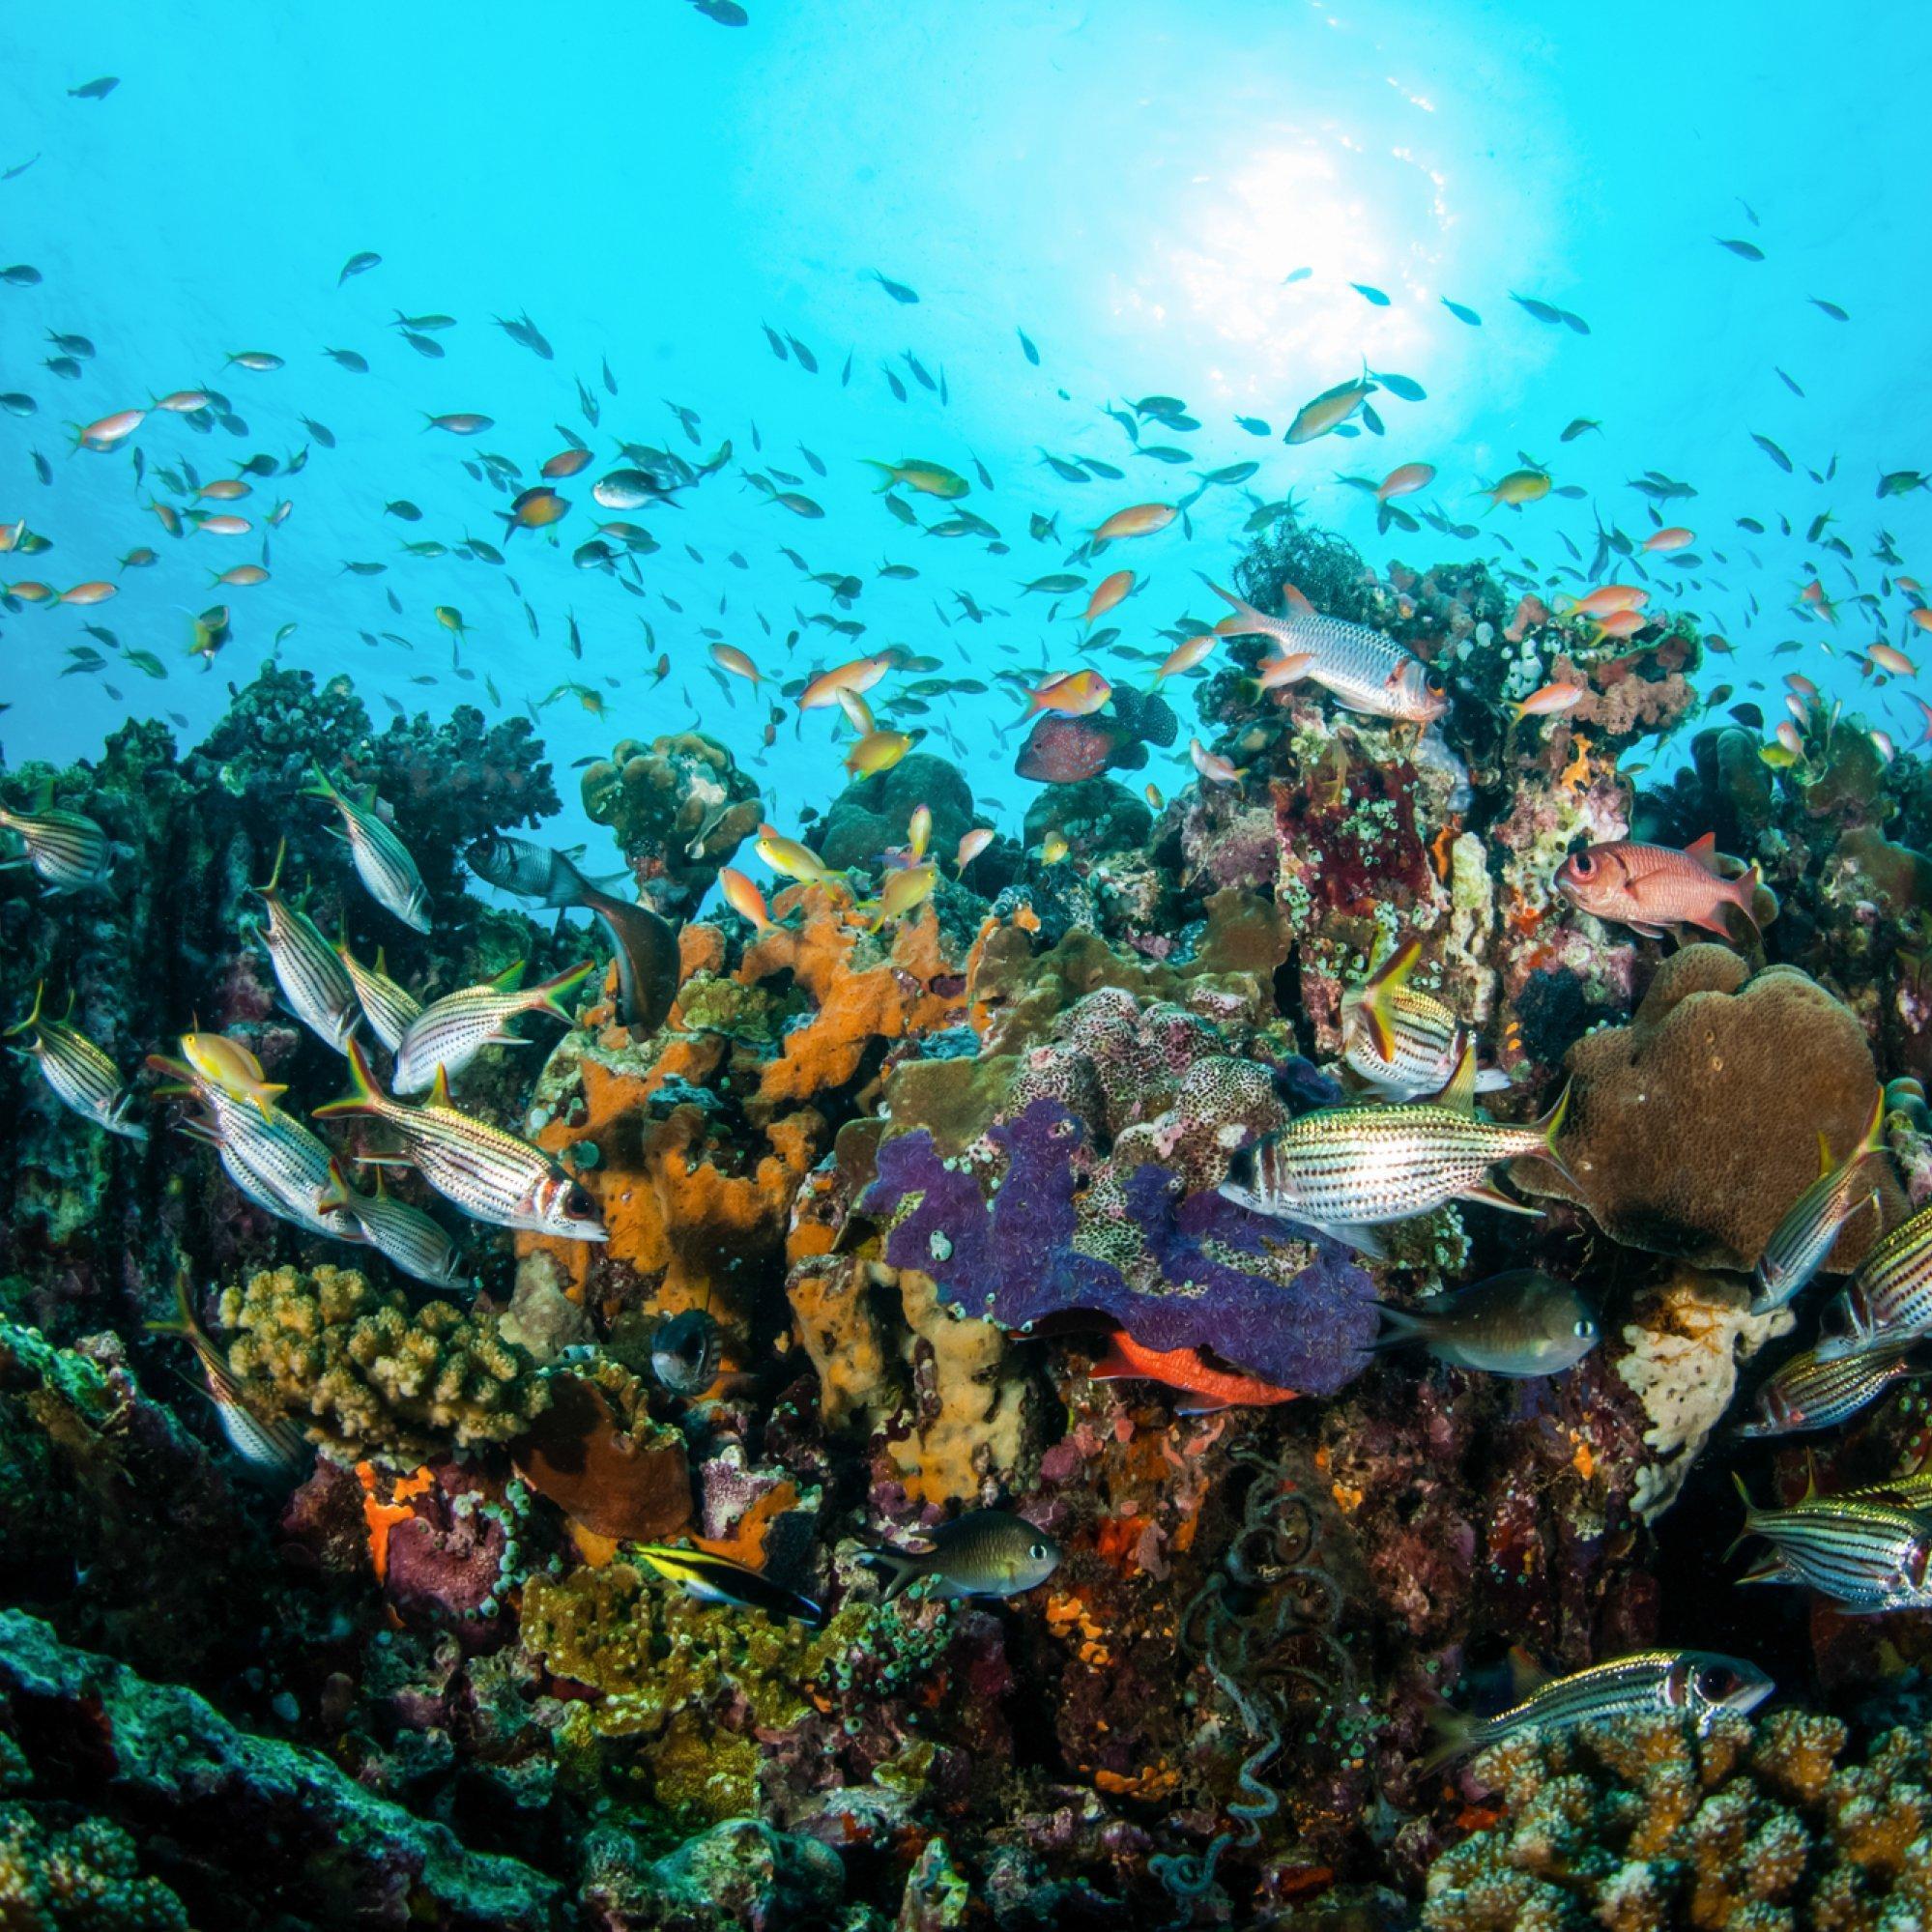 Das Bild zeigt quirlige Fischschwärme vor einem Korallenriff